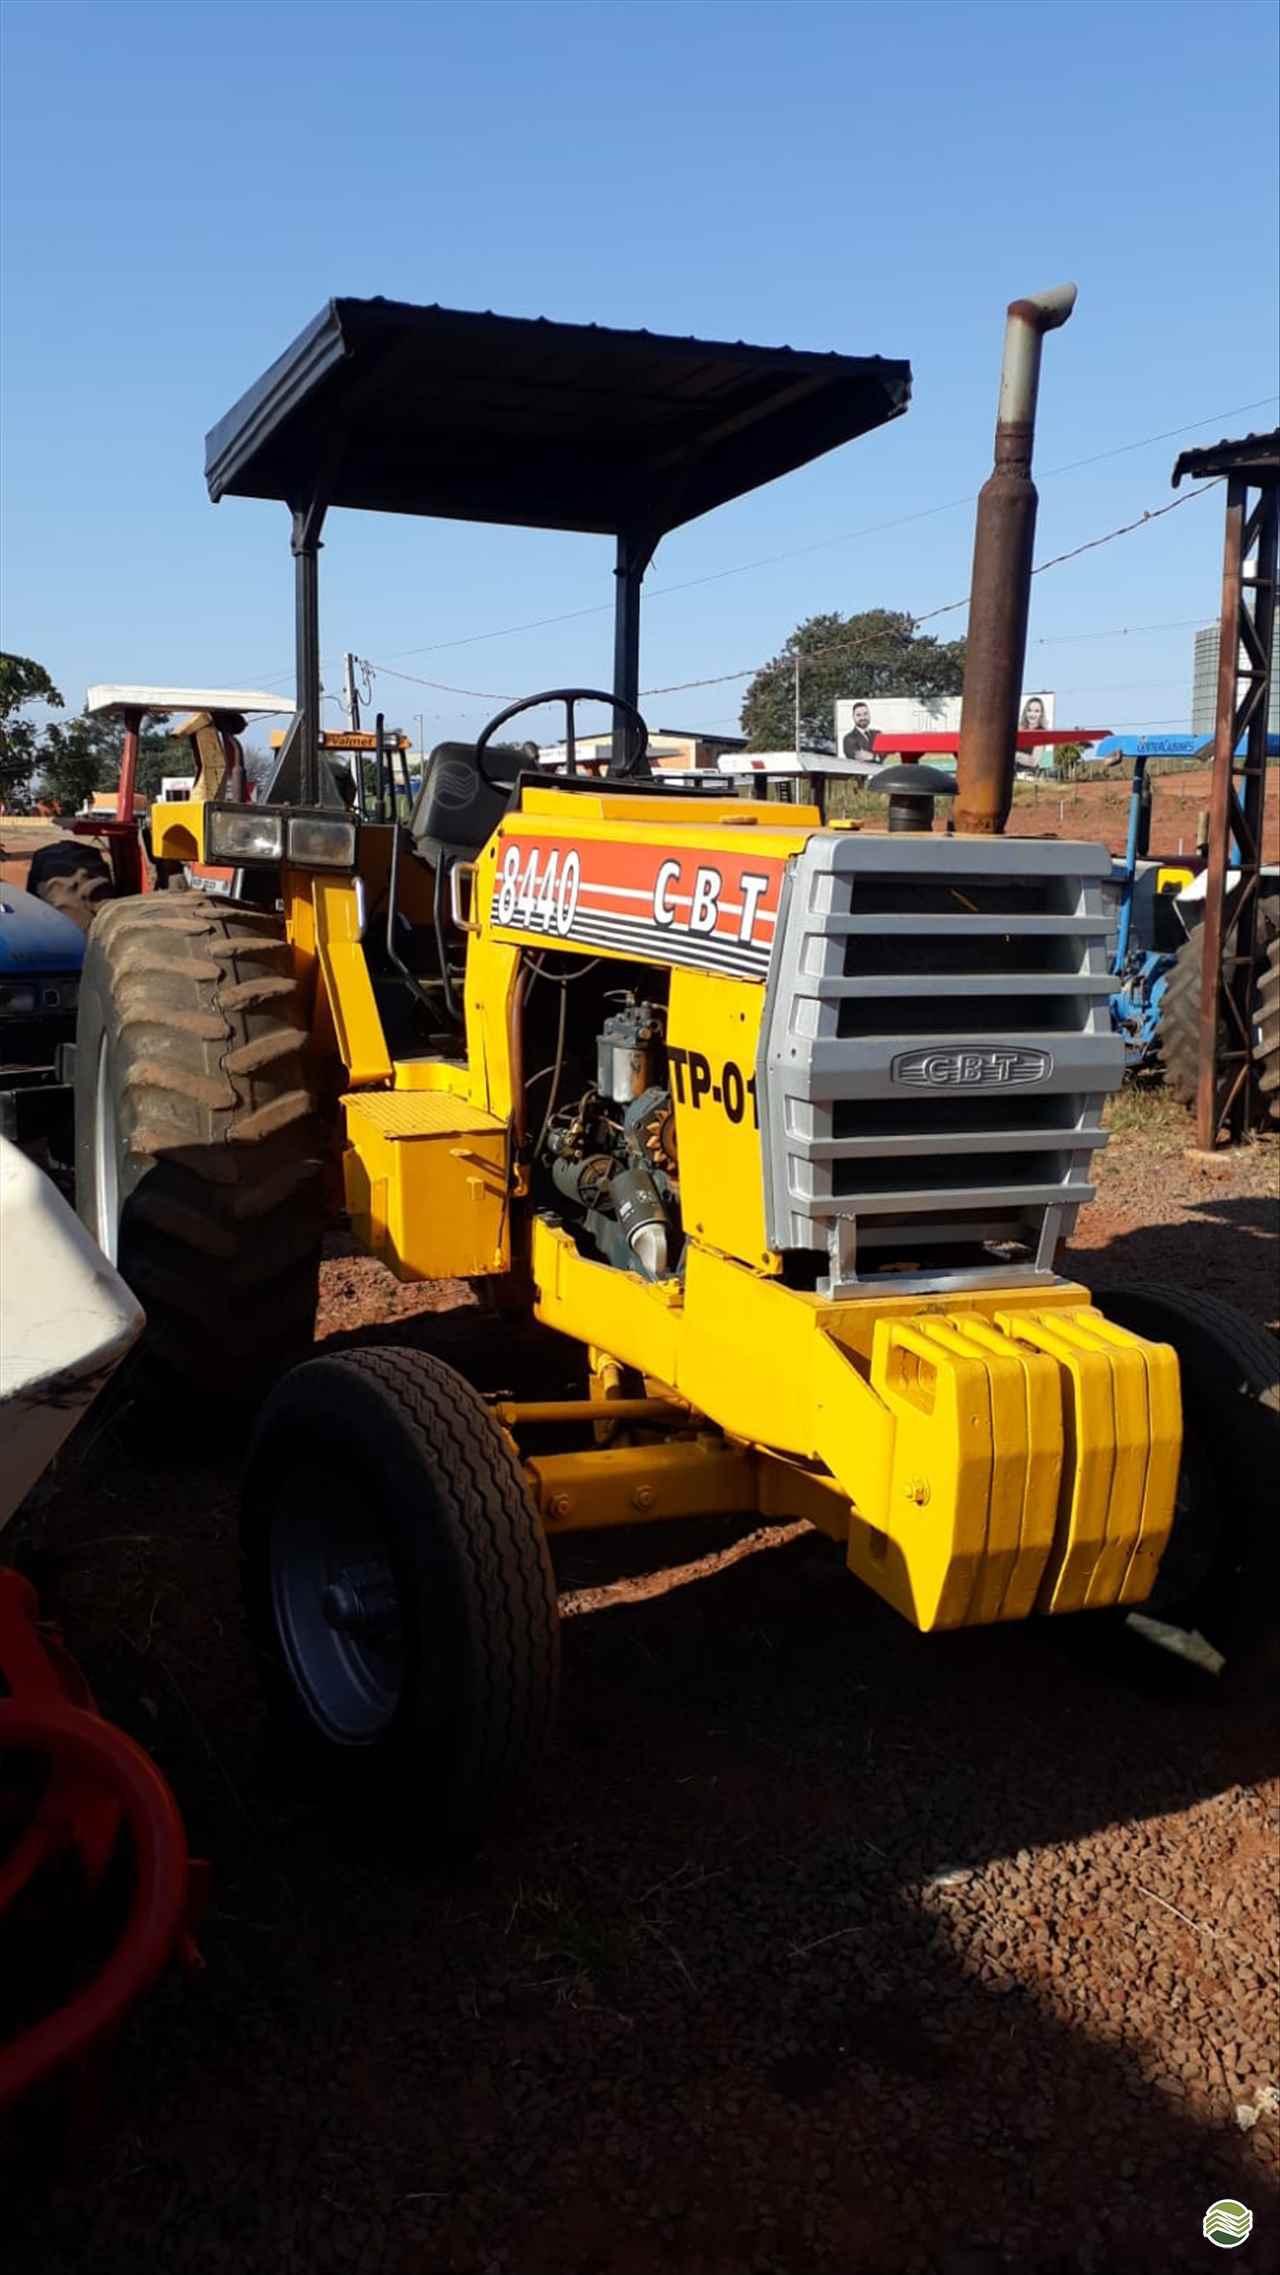 CBT 8440 de Tratorama Máquinas e Implementos - UMUARAMA/PR